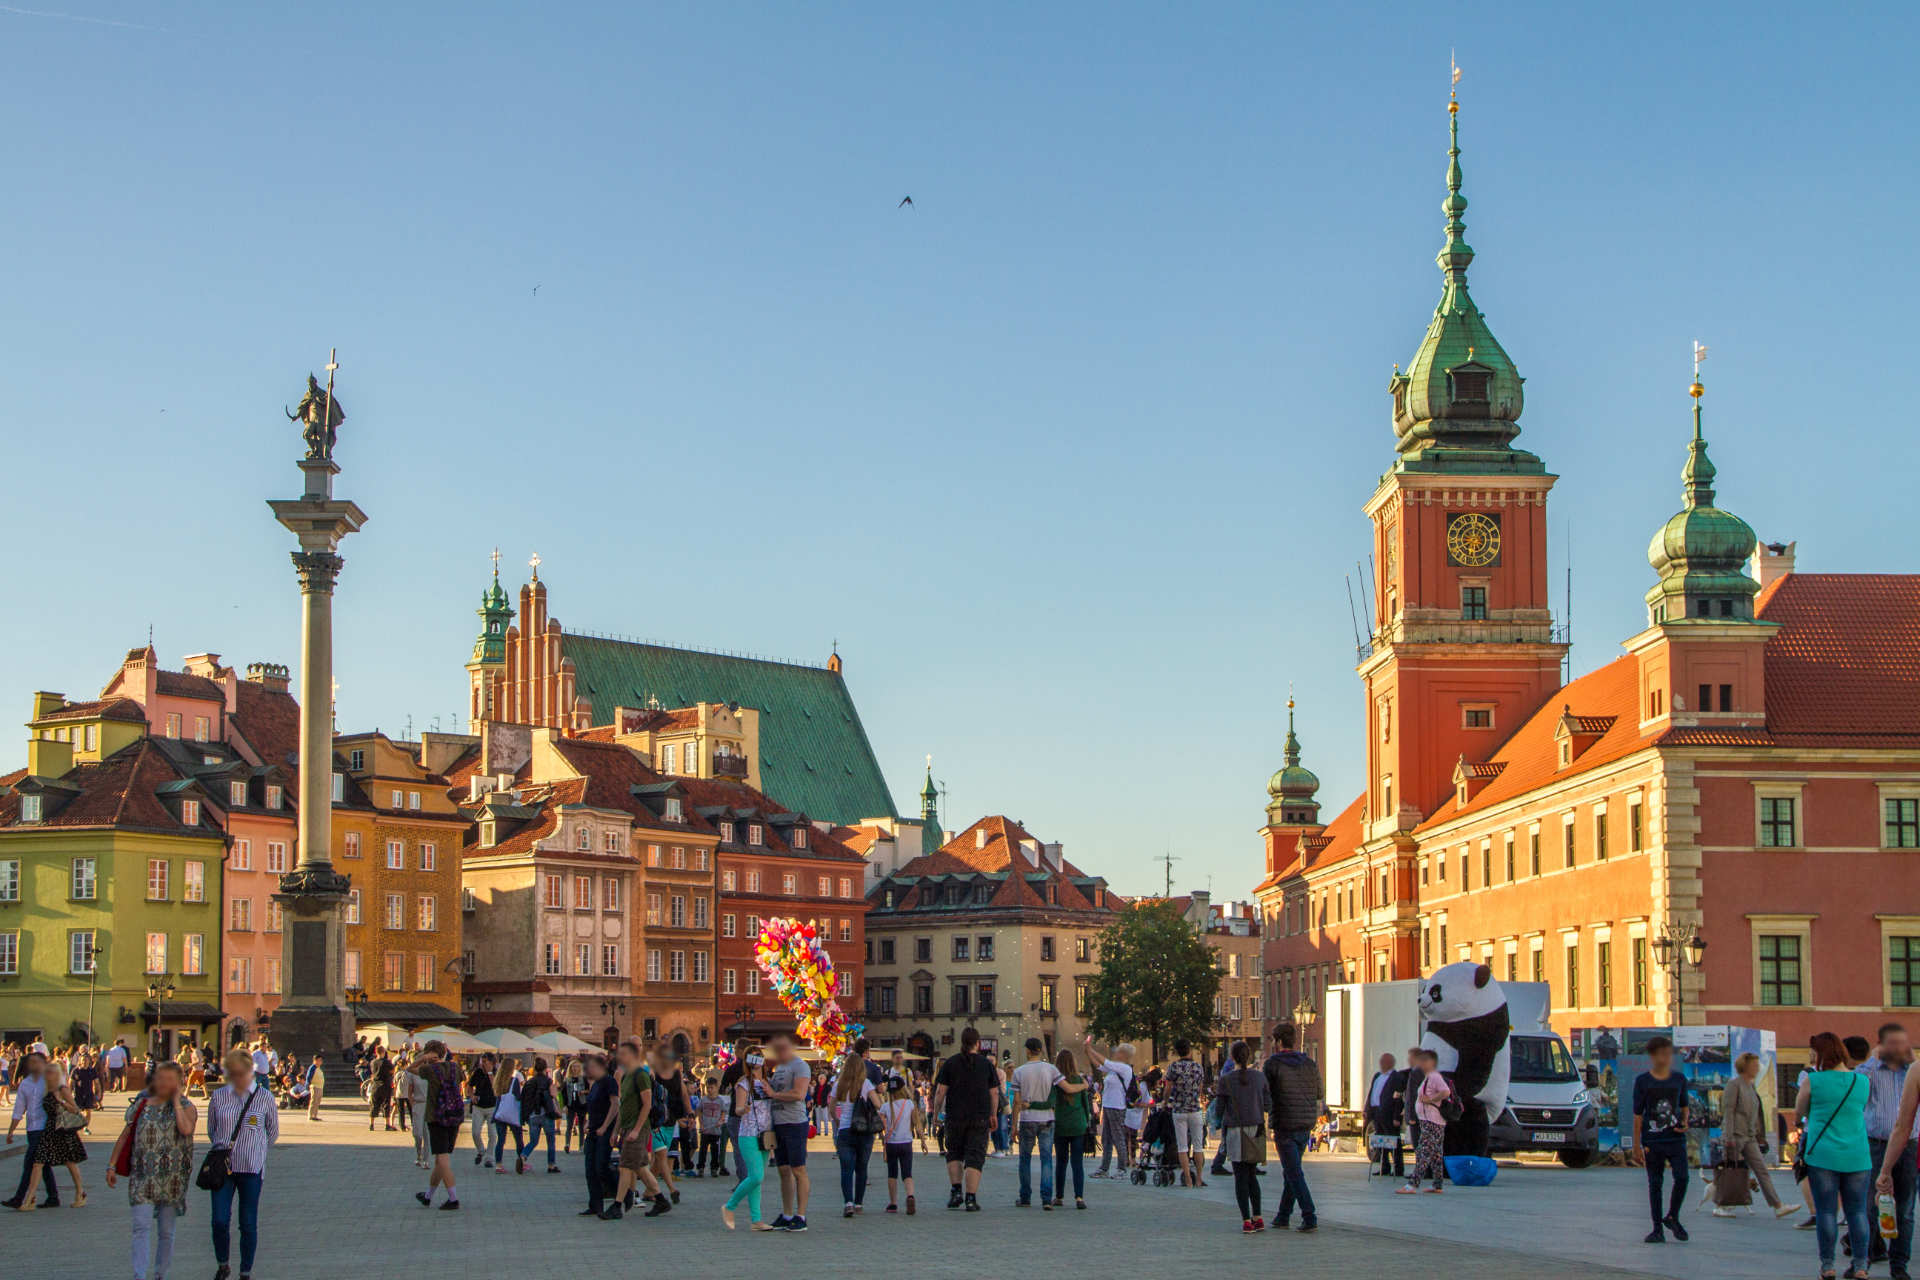 Zu sehen ist der Warschauer Schlossplatz, Bild: Maksym Kozlenko